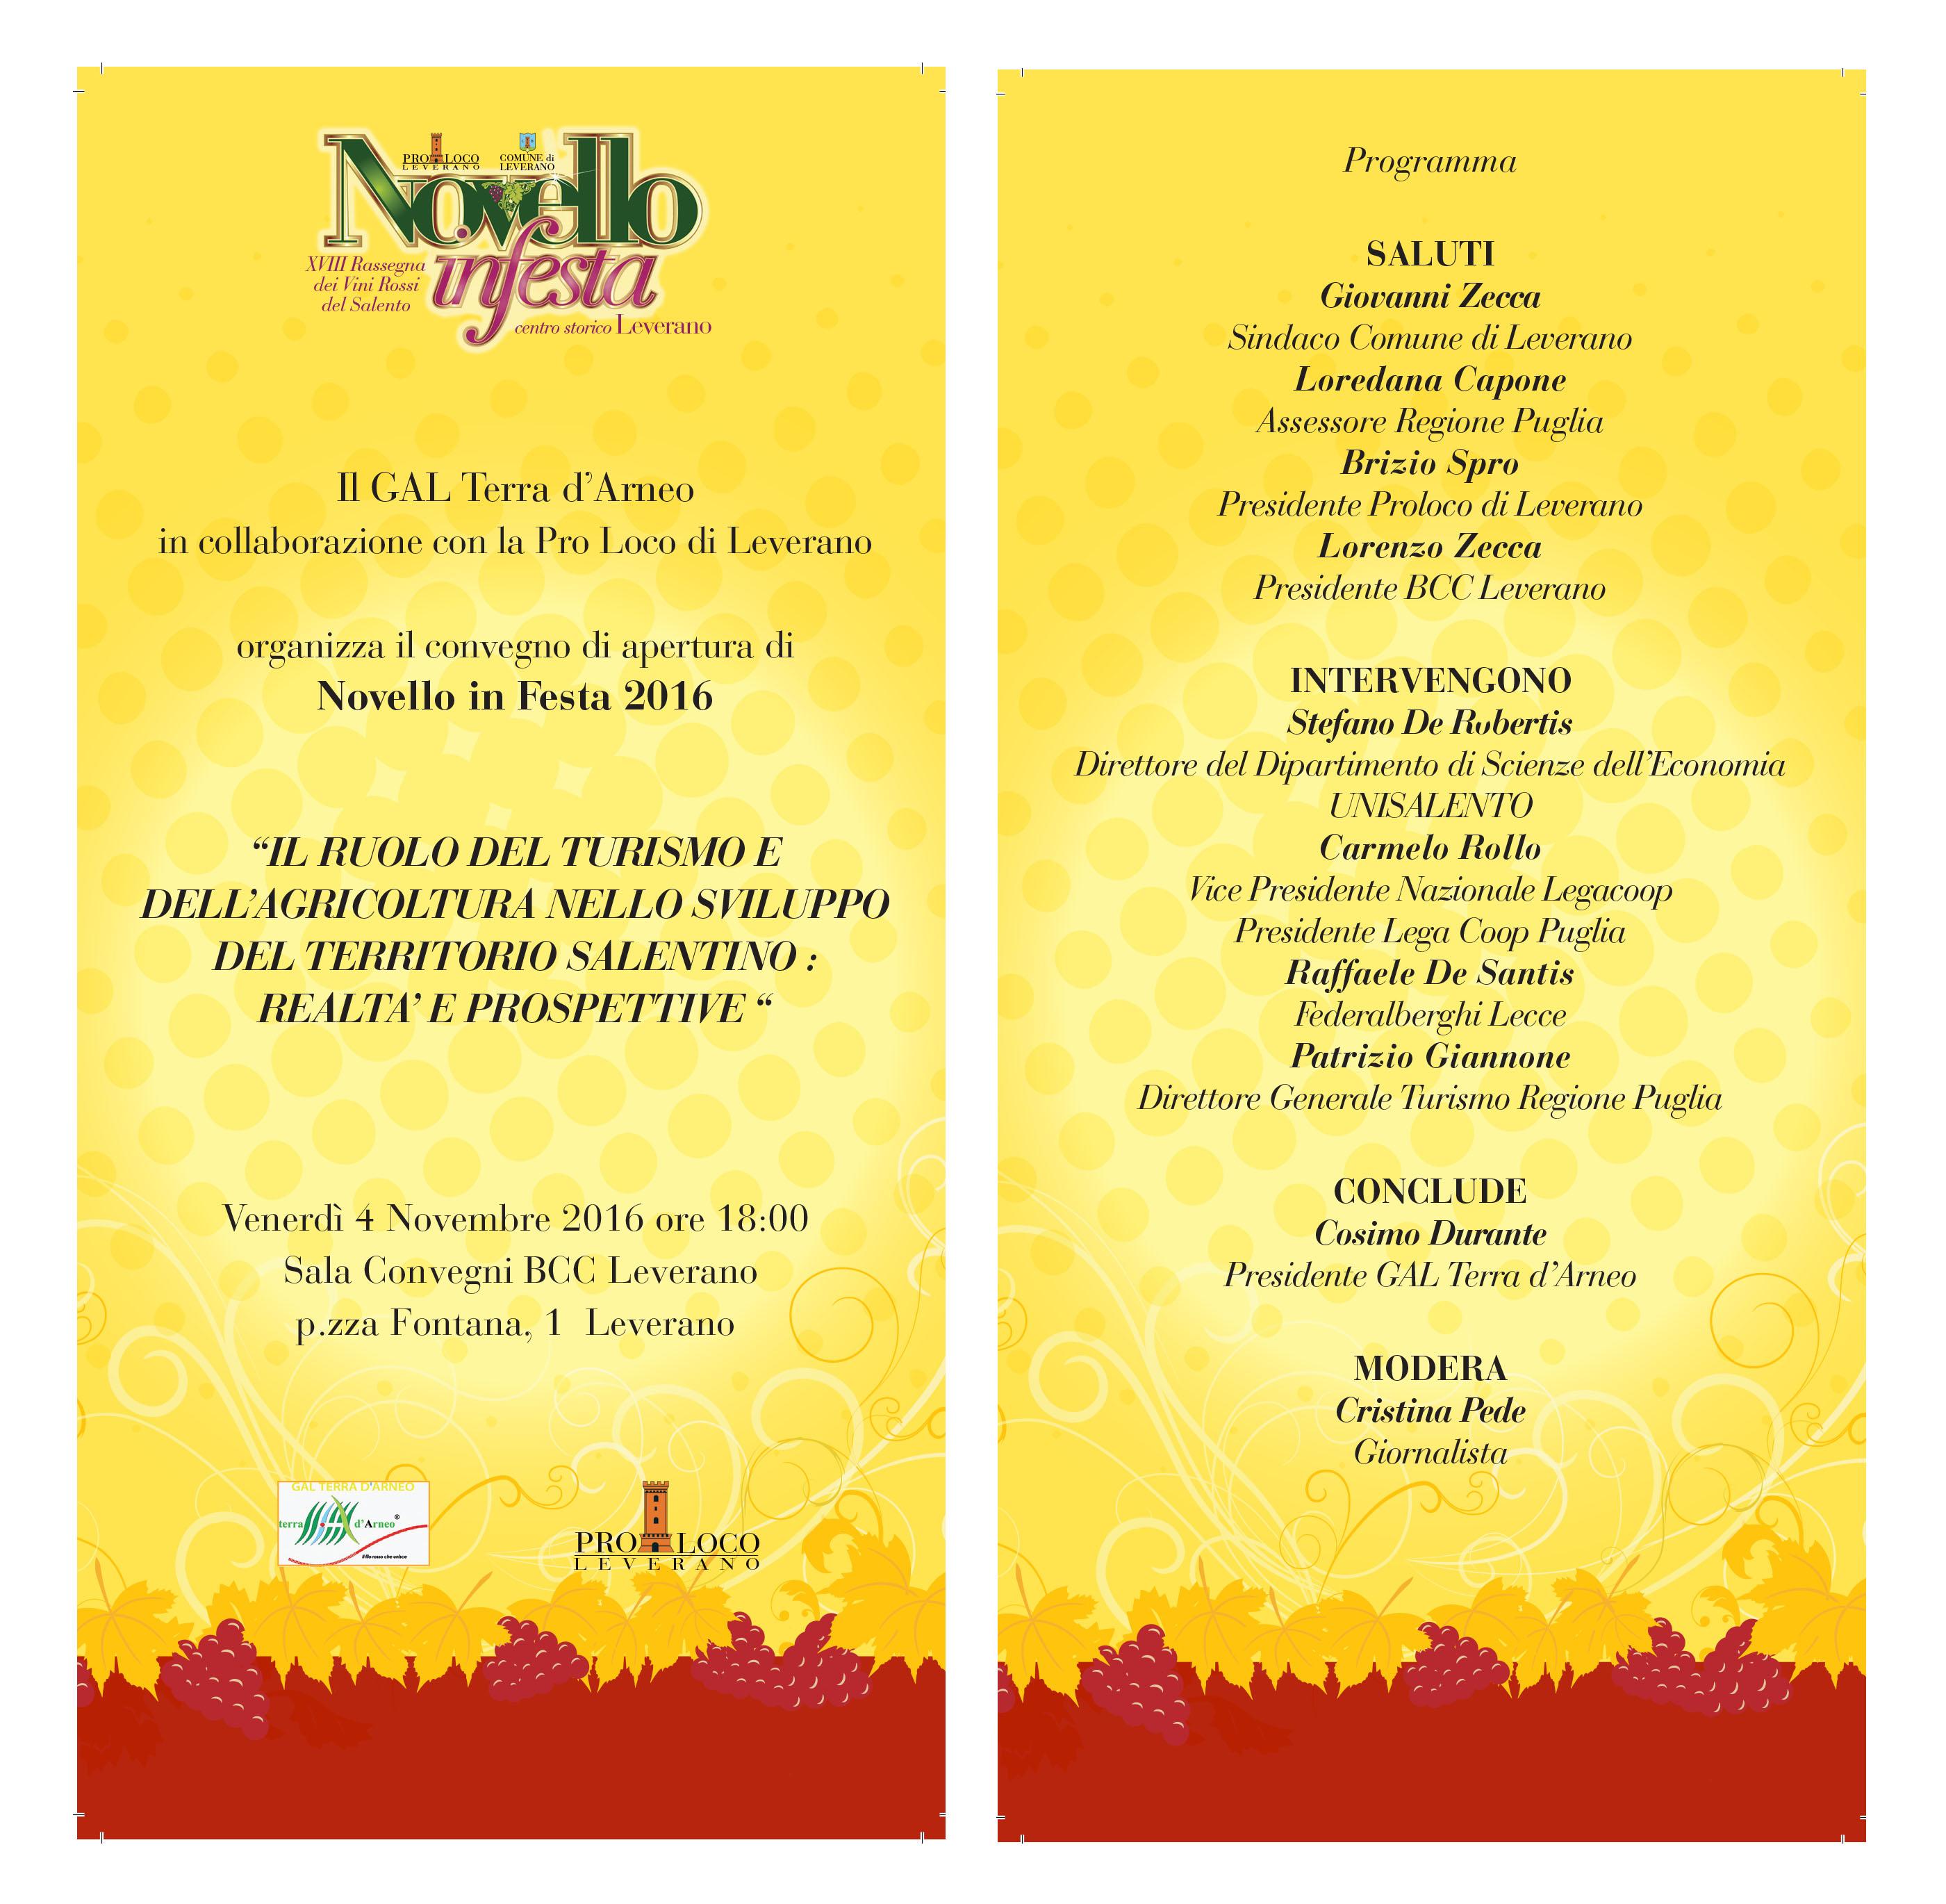 A cura del GAL il convegno di apertura del Novello in Festa 2016